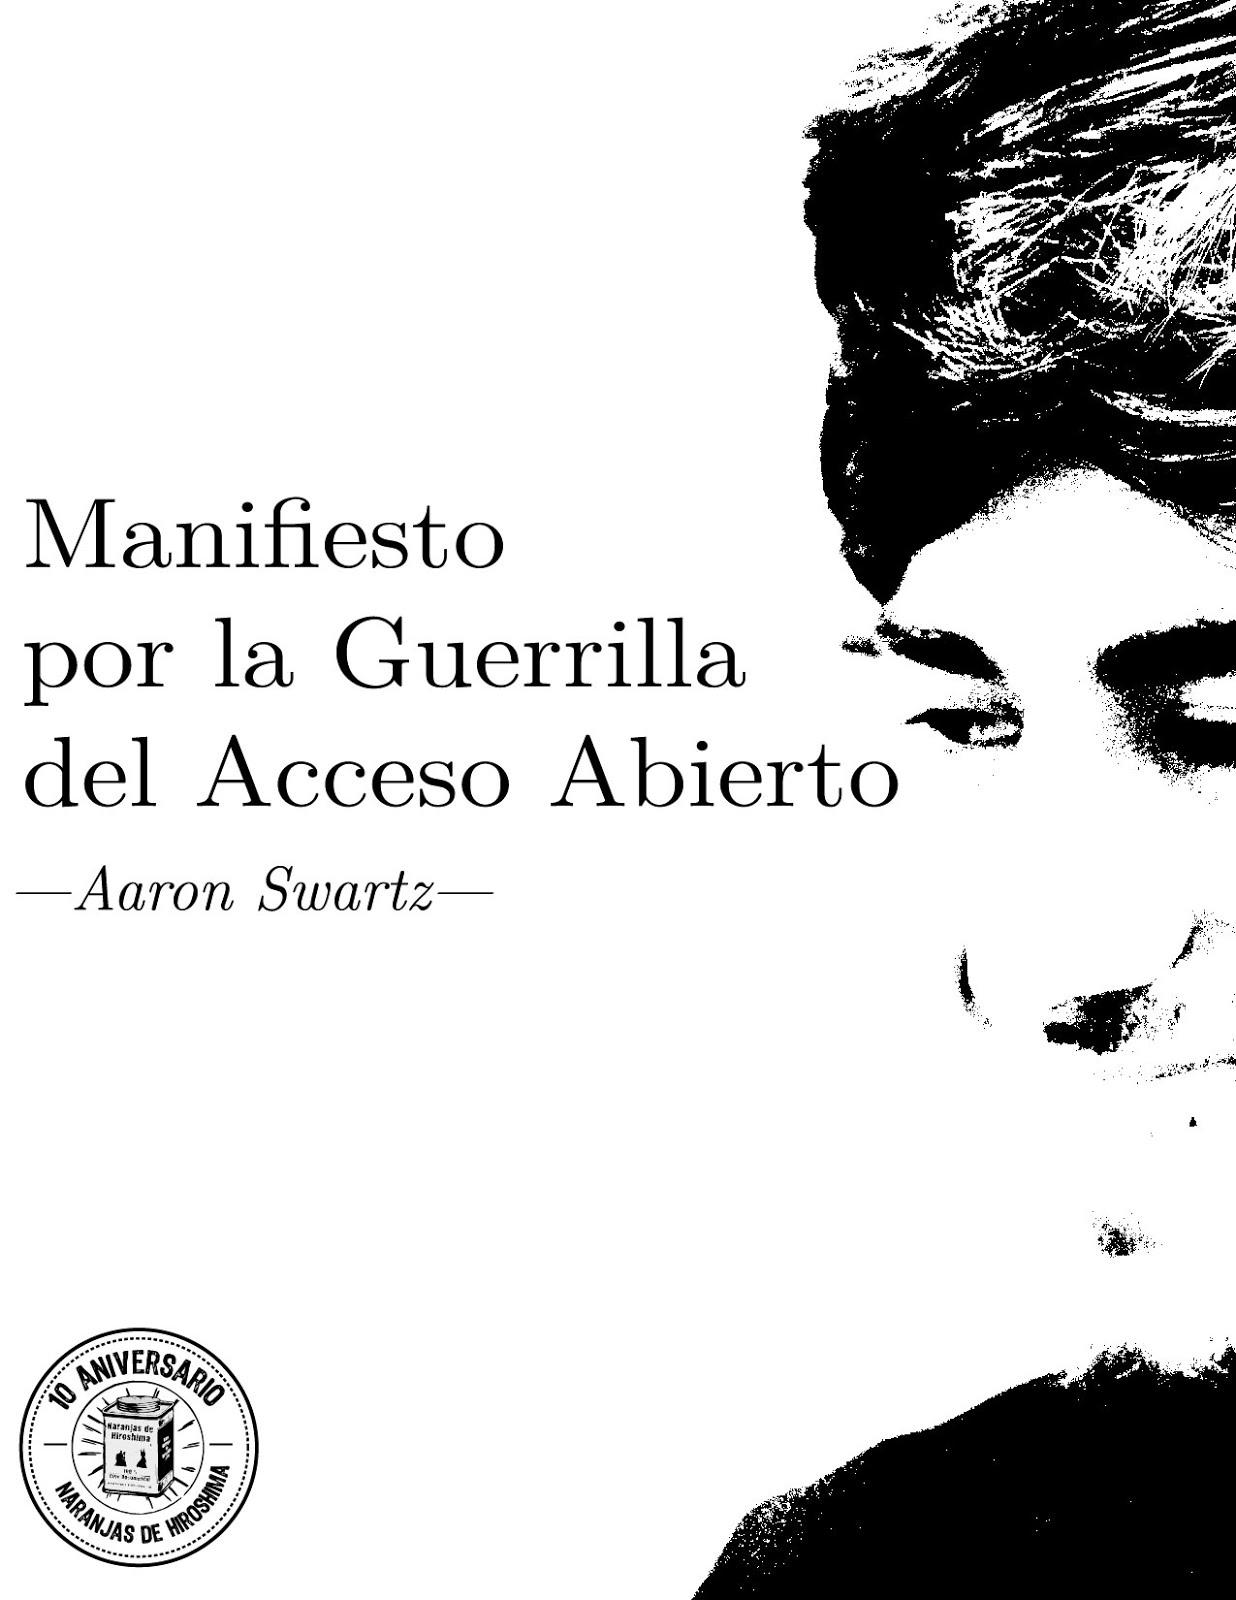 Manifiesto Por La Guerrilla Del Acceso Abierto